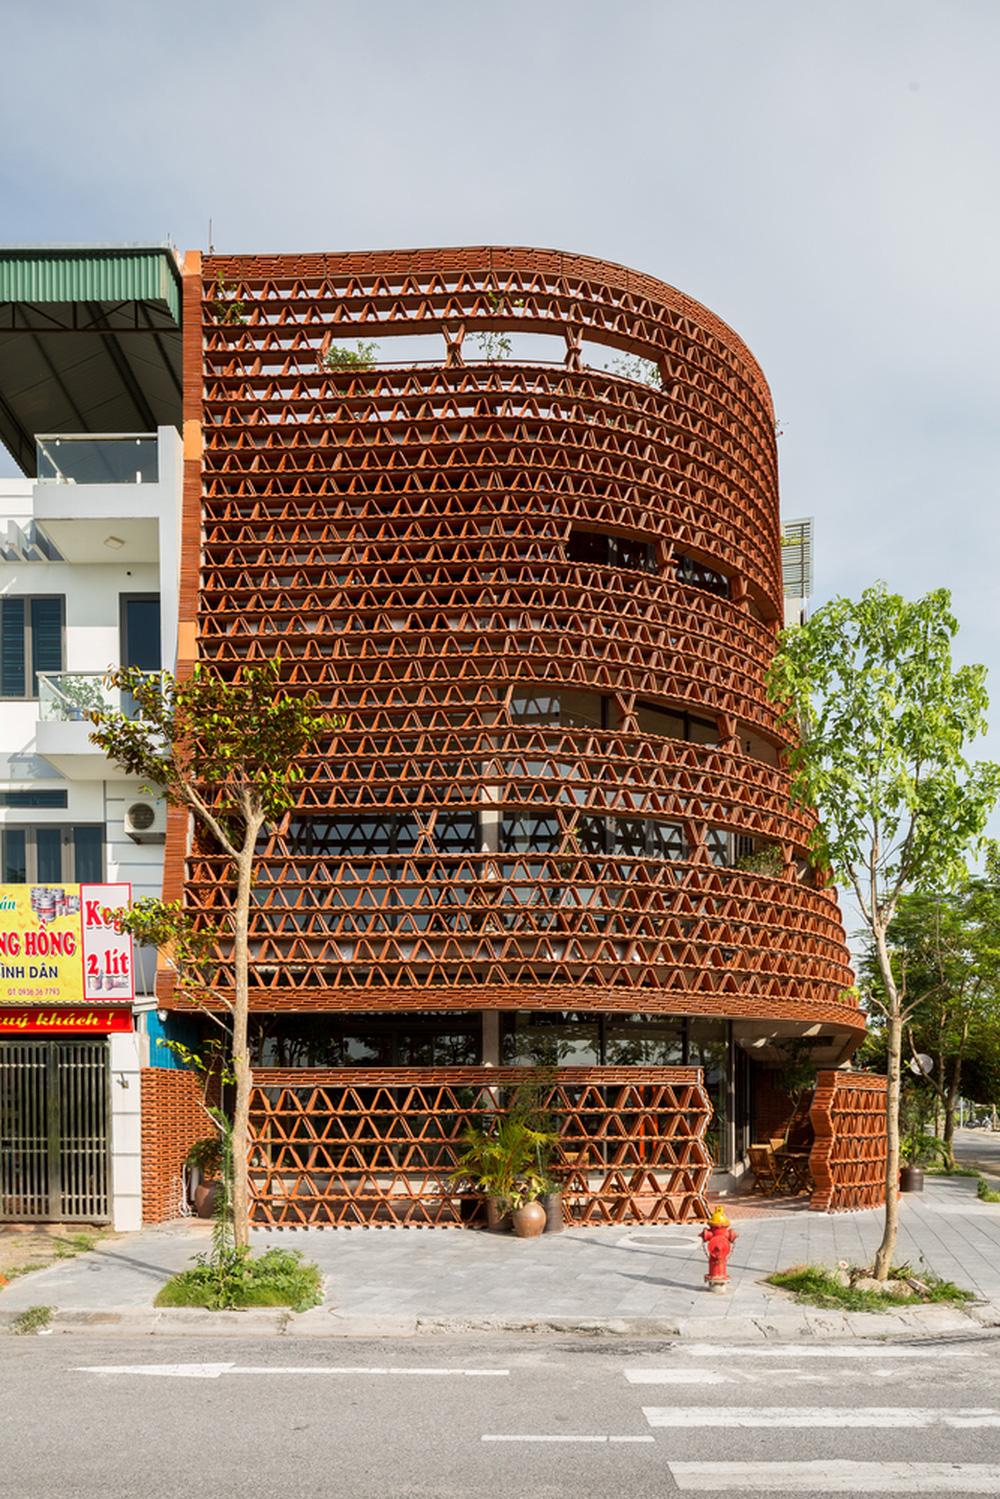 Quán cà phê lấy cảm hứng từ cành cây và hang động của người tiền sử ở Hà Nội đẹp lạ trên báo Mỹ - ảnh 2